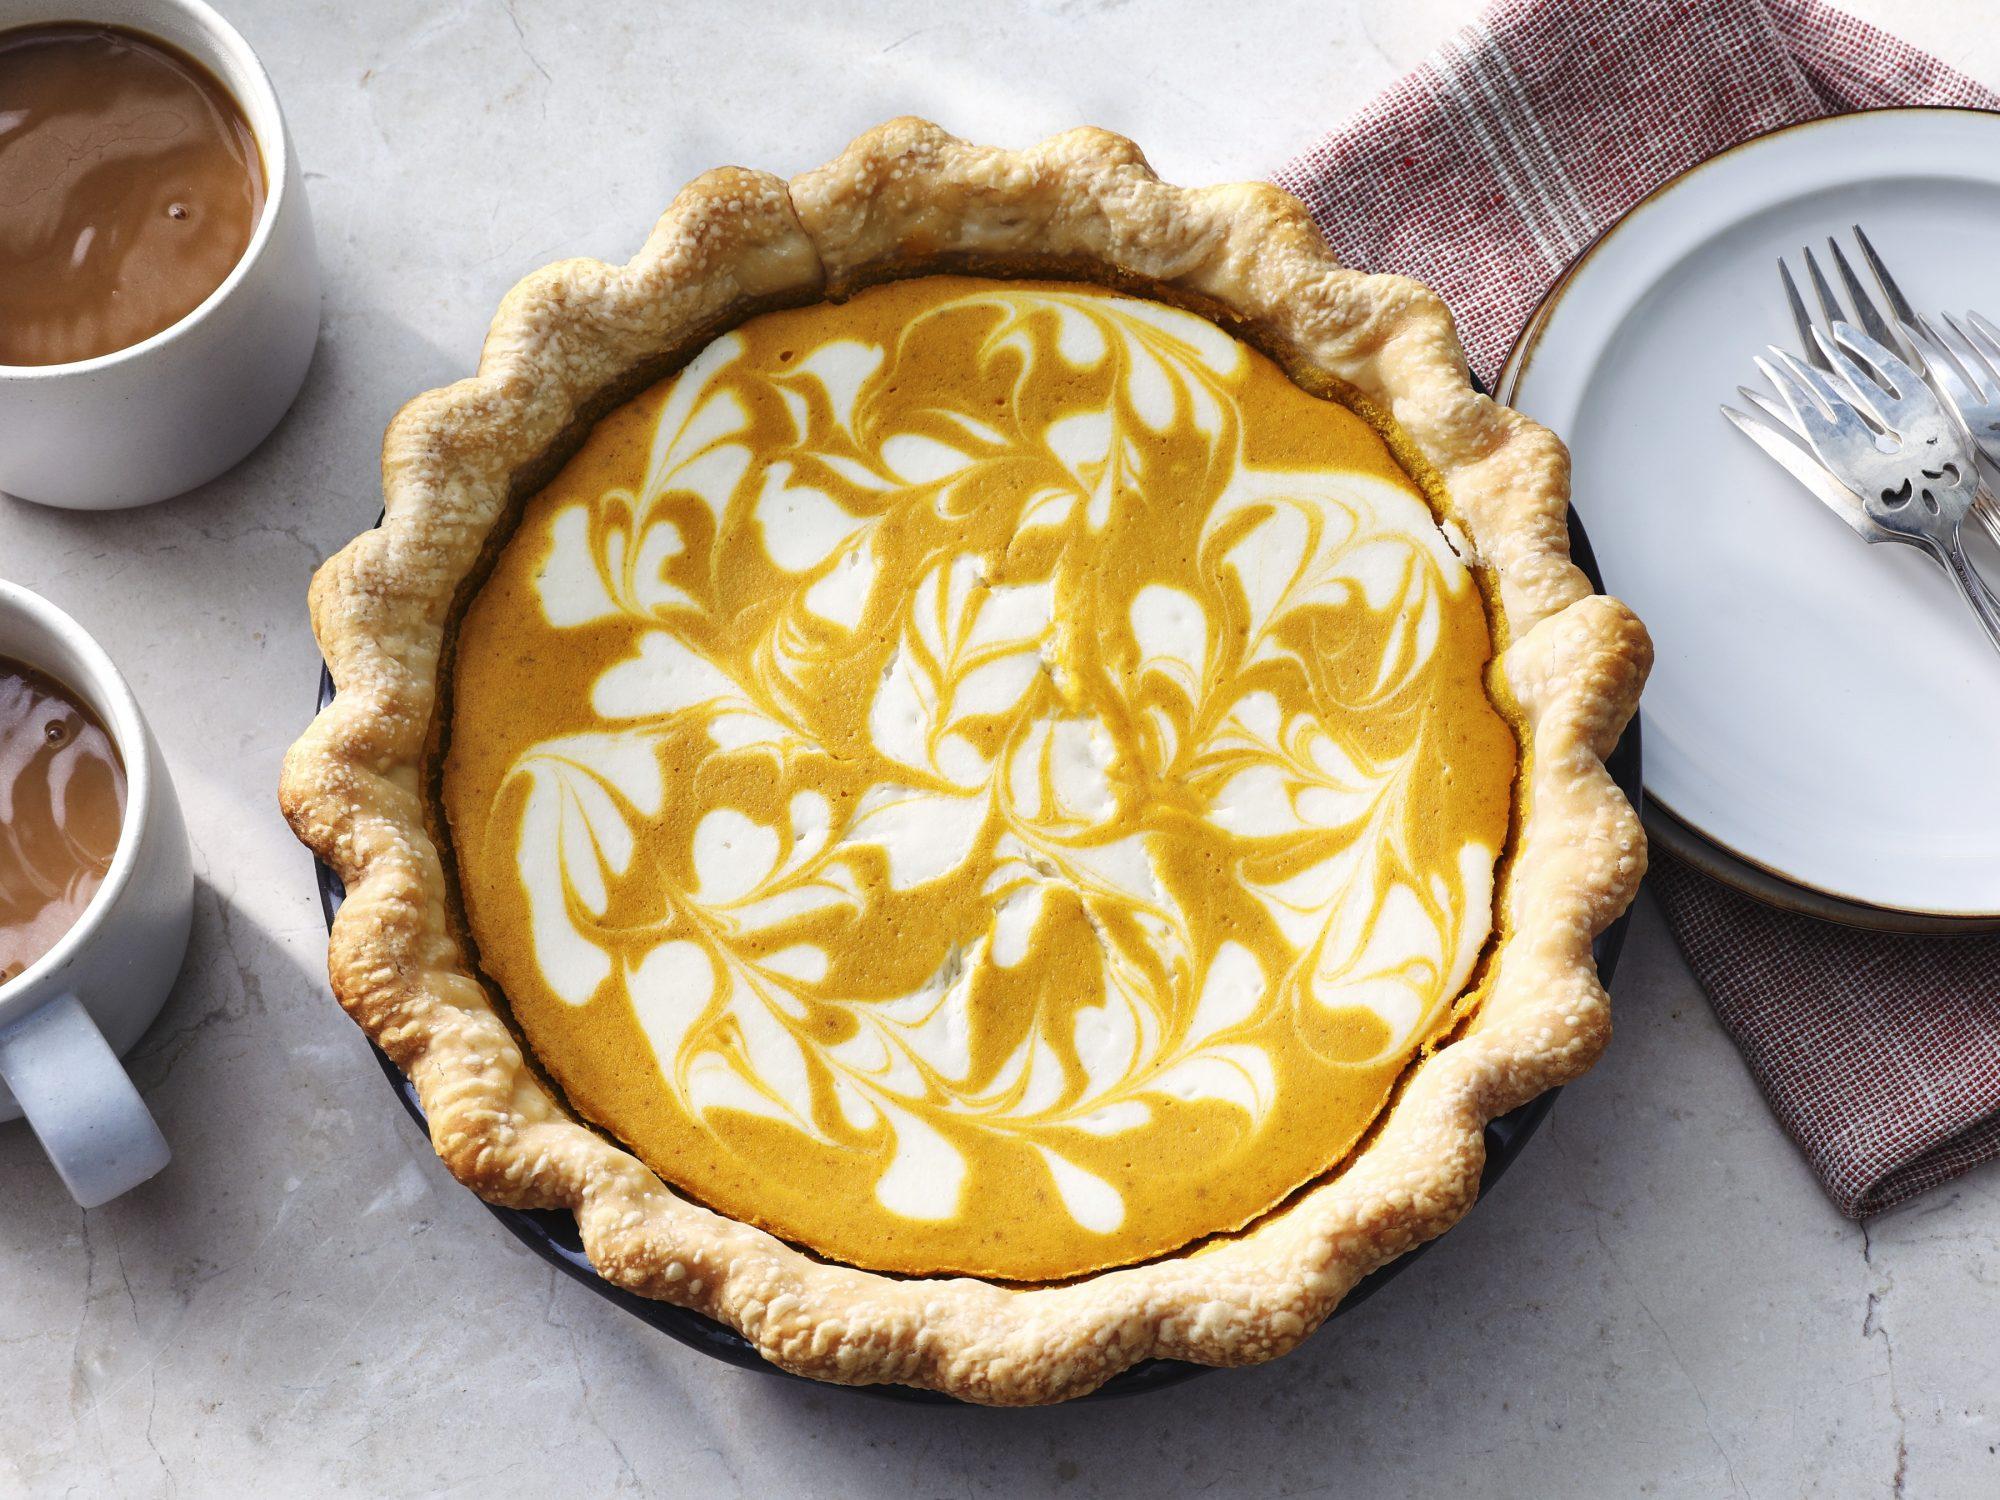 mr - Cream Cheese Pumpkin Pie Image